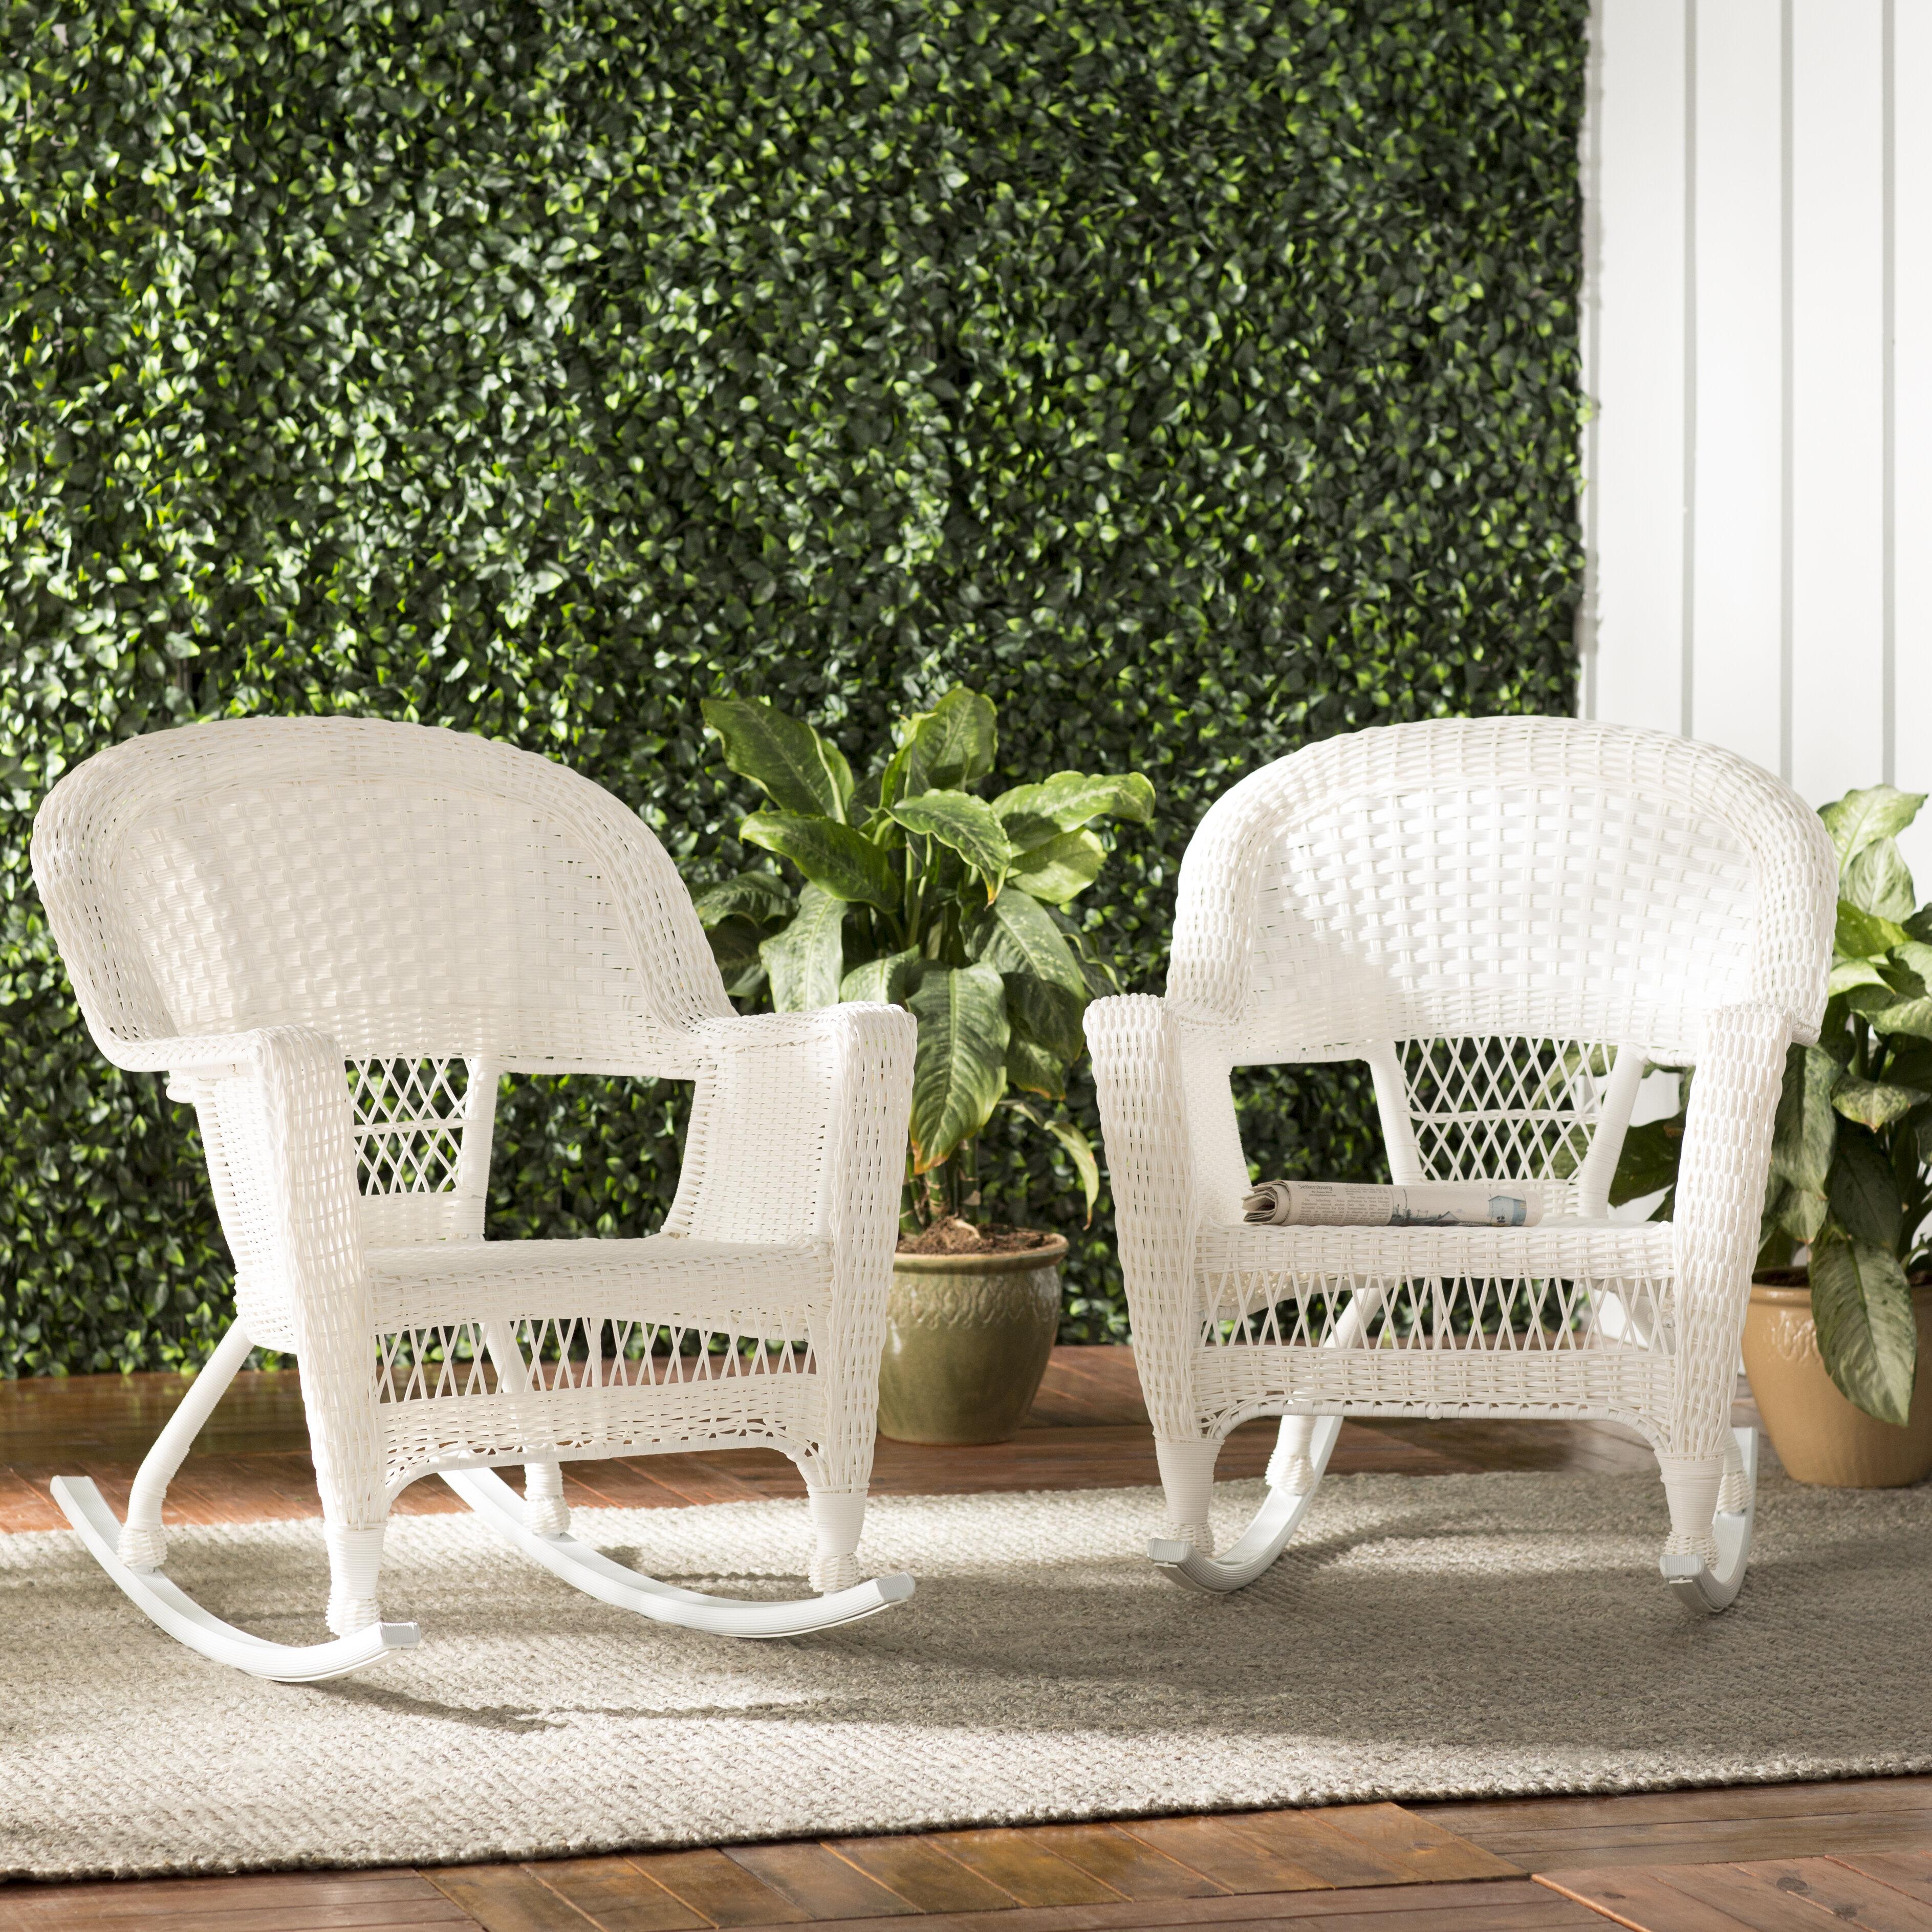 Pleasant Extra Wide Rocking Chair Wayfair Download Free Architecture Designs Scobabritishbridgeorg